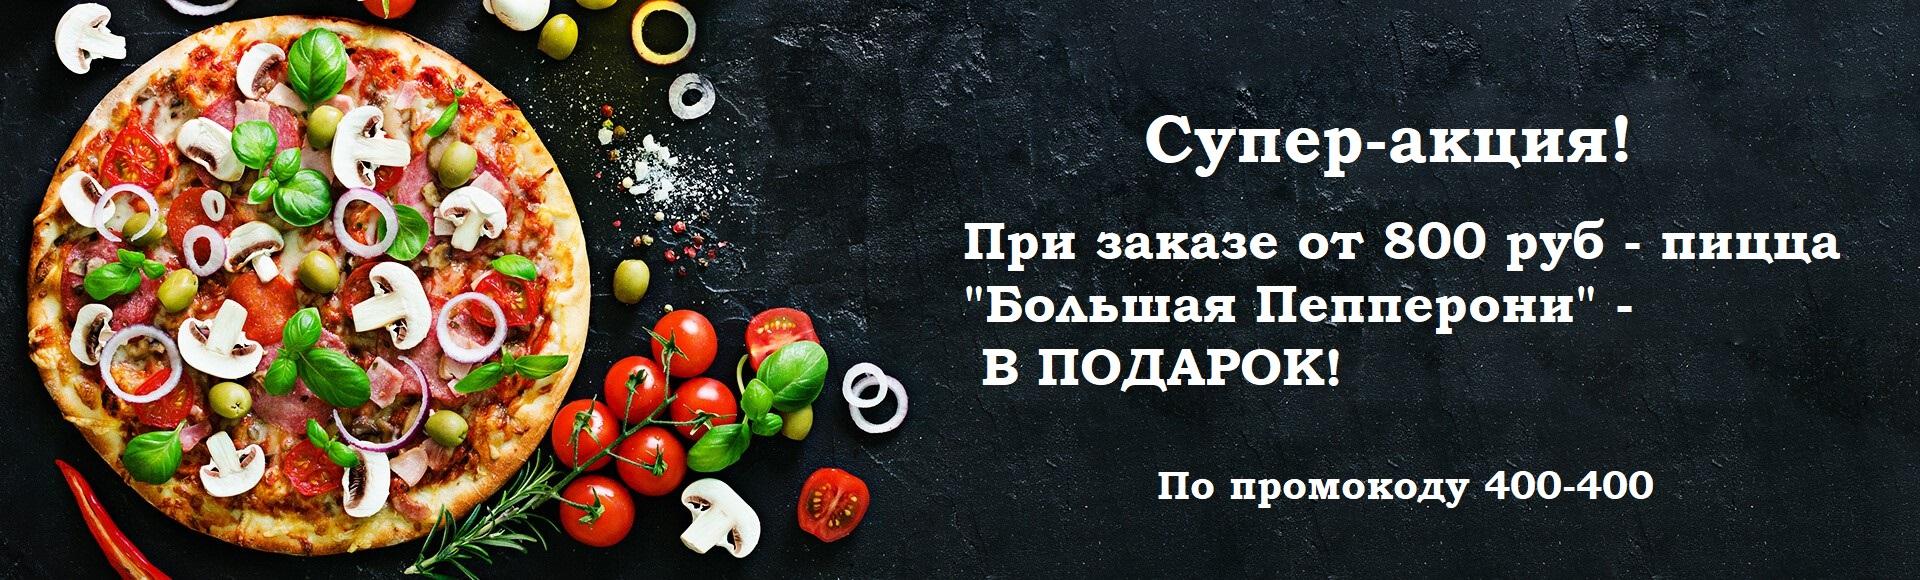 Заказать пиццу с доставкой в Москве в Слайс пицца! 62